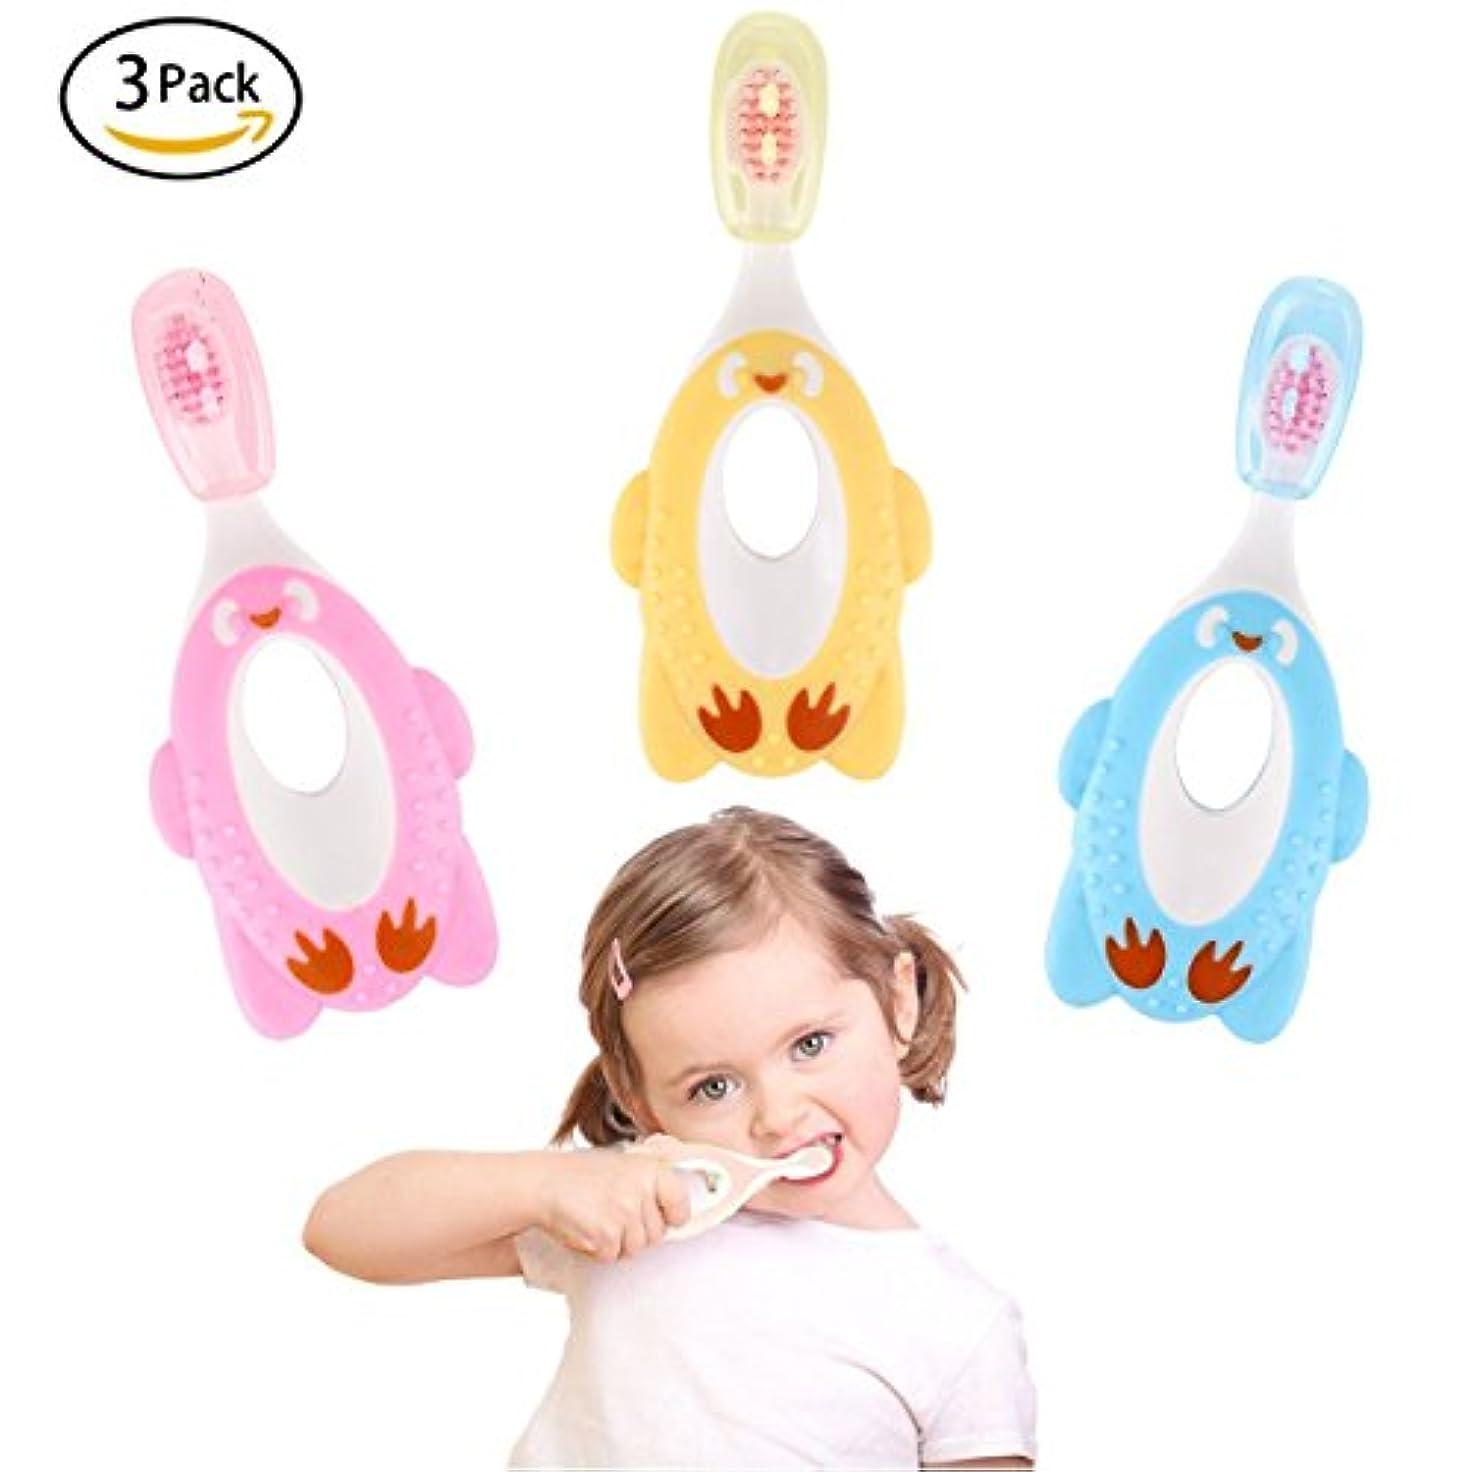 ドラム人種花(Pink,yellow,blue) - Fancy 3 Pack Step 1 Toothbrush,Soft Bristles,Safety Training Toothbrush for 1- 6 Years Old